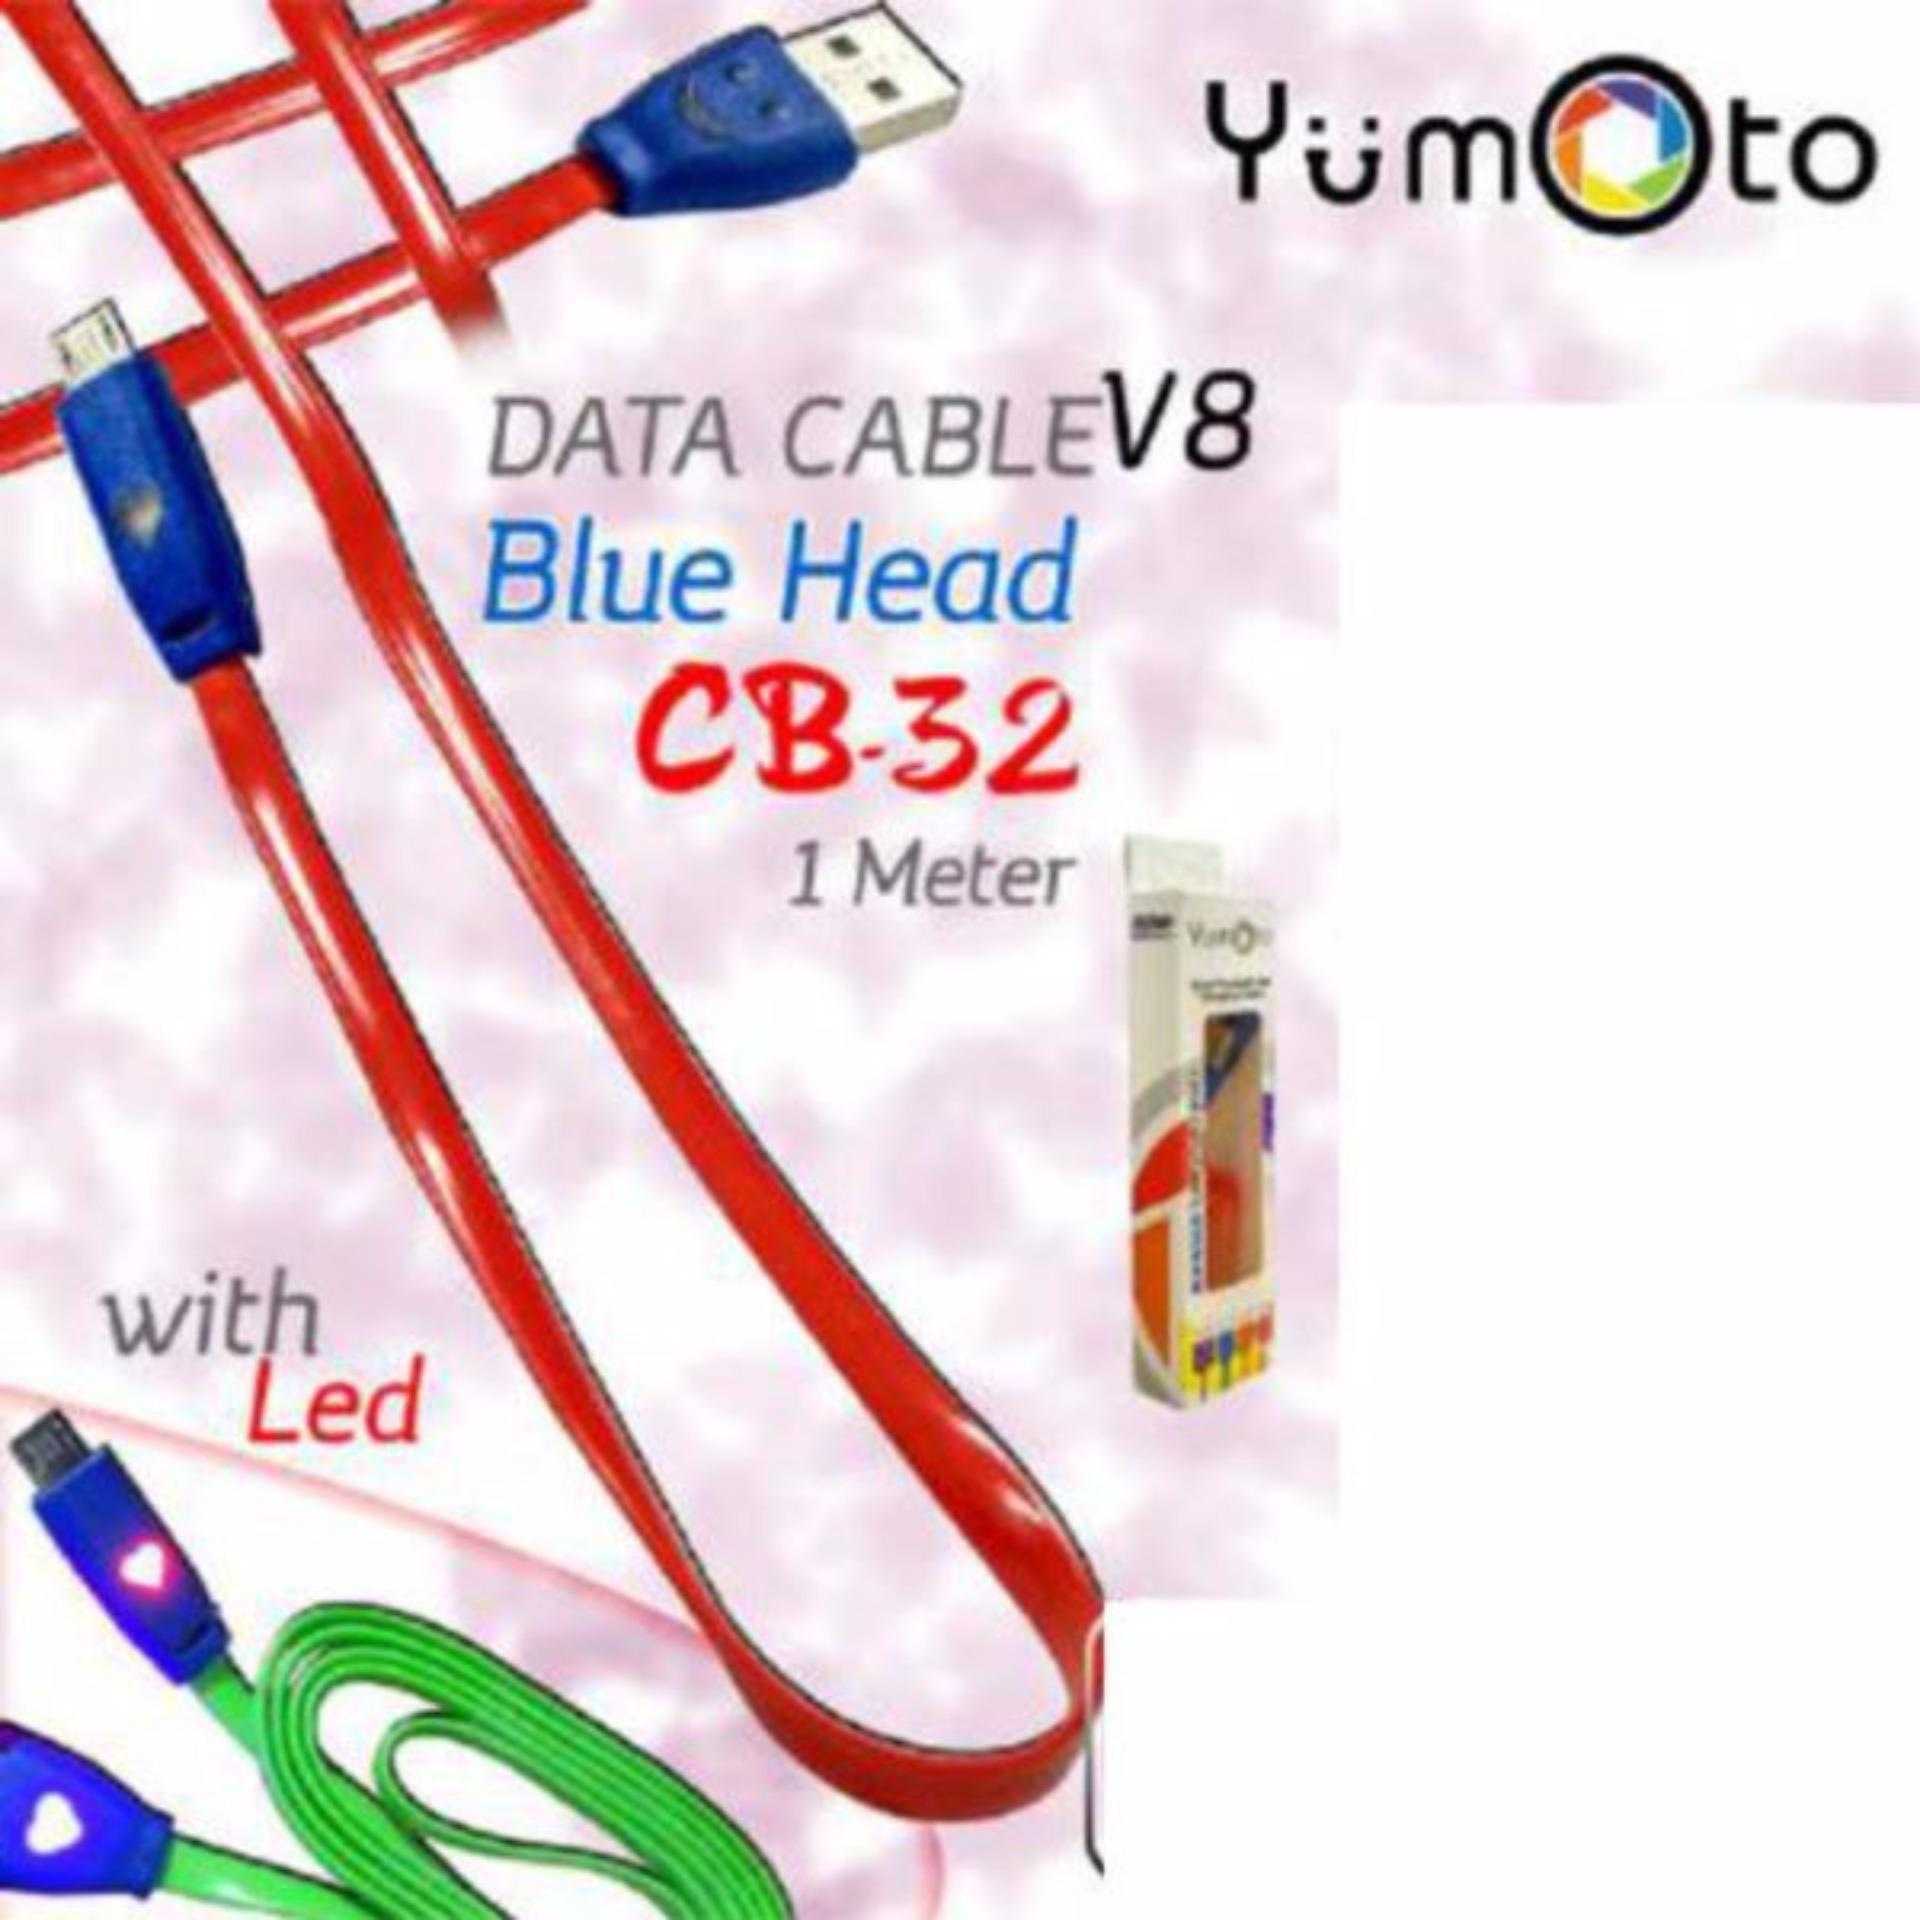 Yumoto Kabel smile nyala Data Charger Micro USB For Samsung 1 meter - random